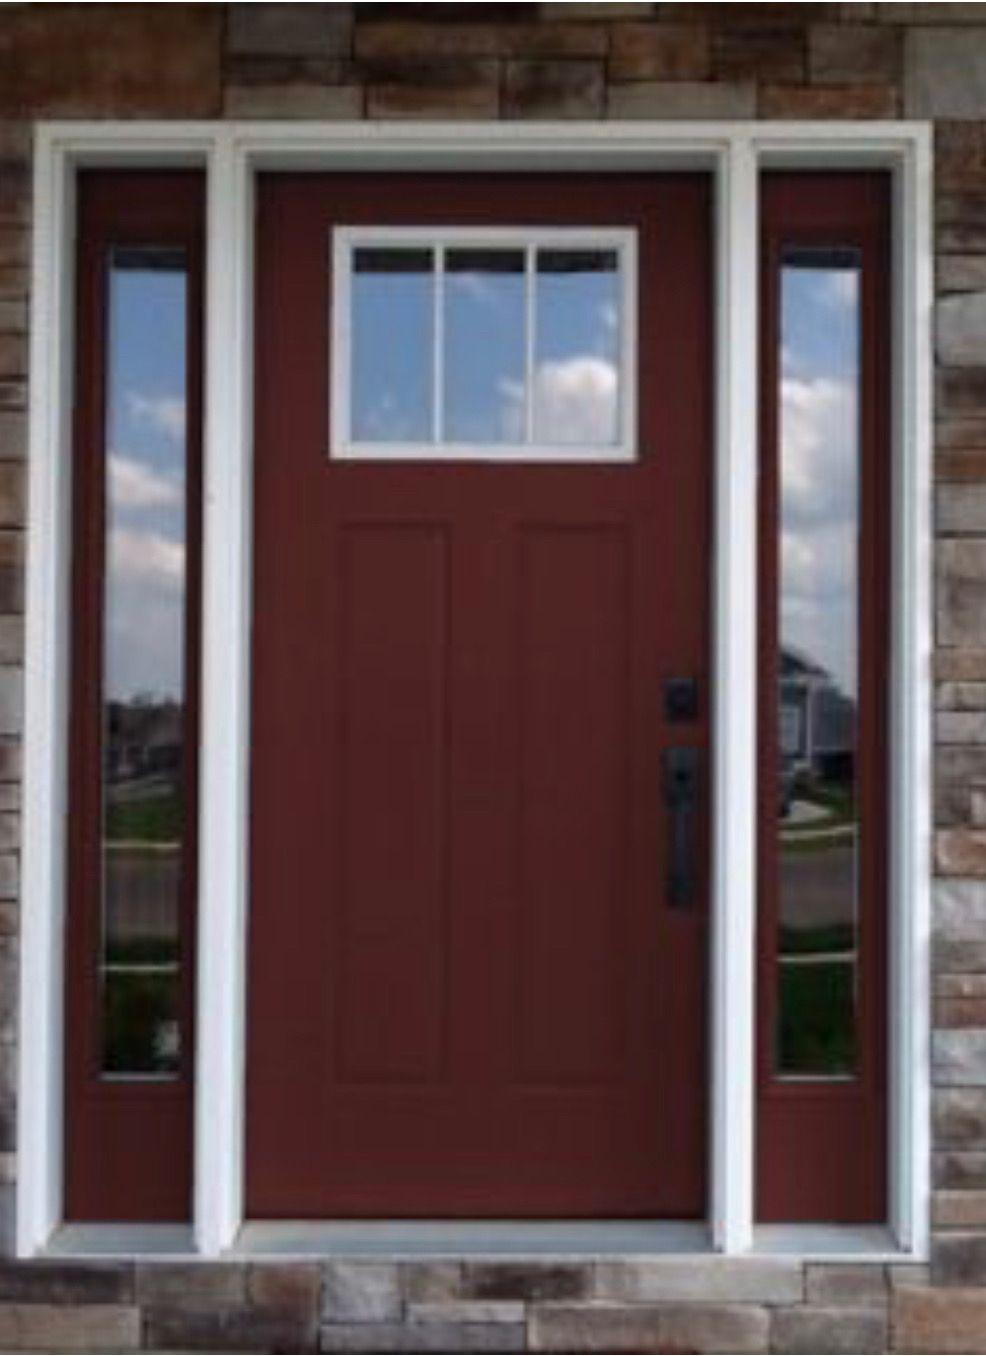 Larson Storm Door Cranberry Color Match Sherwin Williams Rookwood Dark Red 2801 Larson Storm Doors Front Door Paint Colors Painted Front Doors